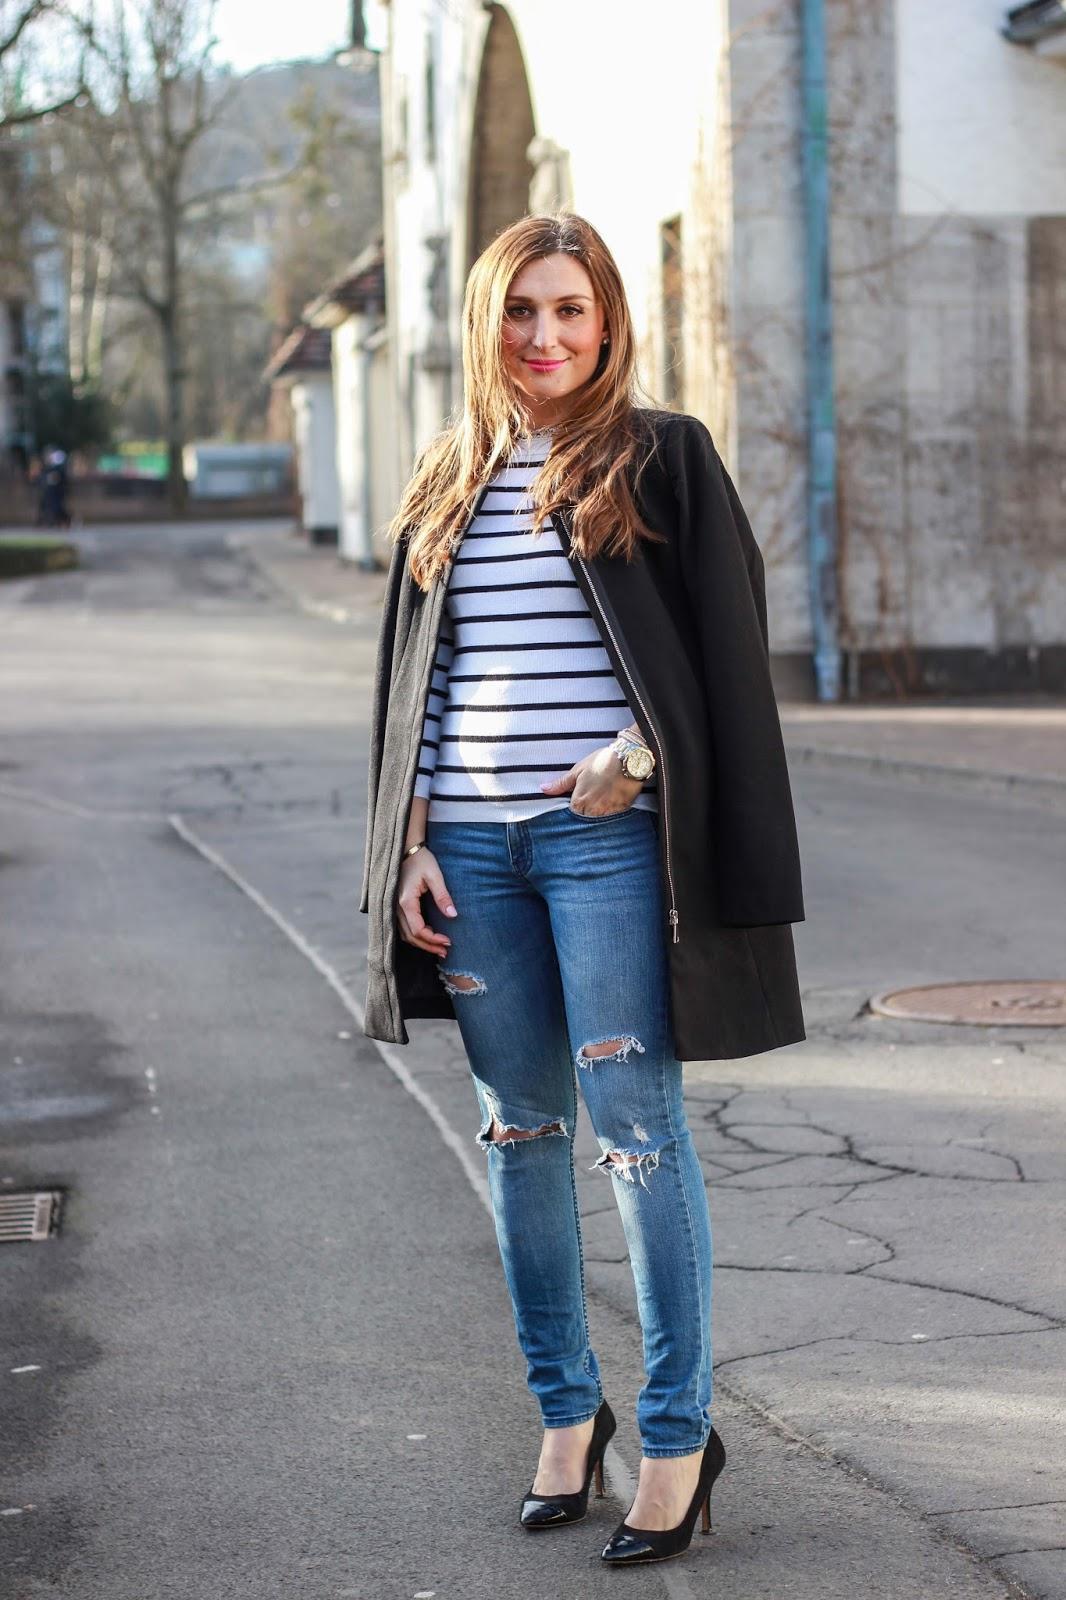 Streifenpullover - Fashionblogger in Schwarz weiß - Schwarz weißer Pullover - Fashionblogger Outfitinspiration–Streetstyle–Deutsche Fashion Blogger